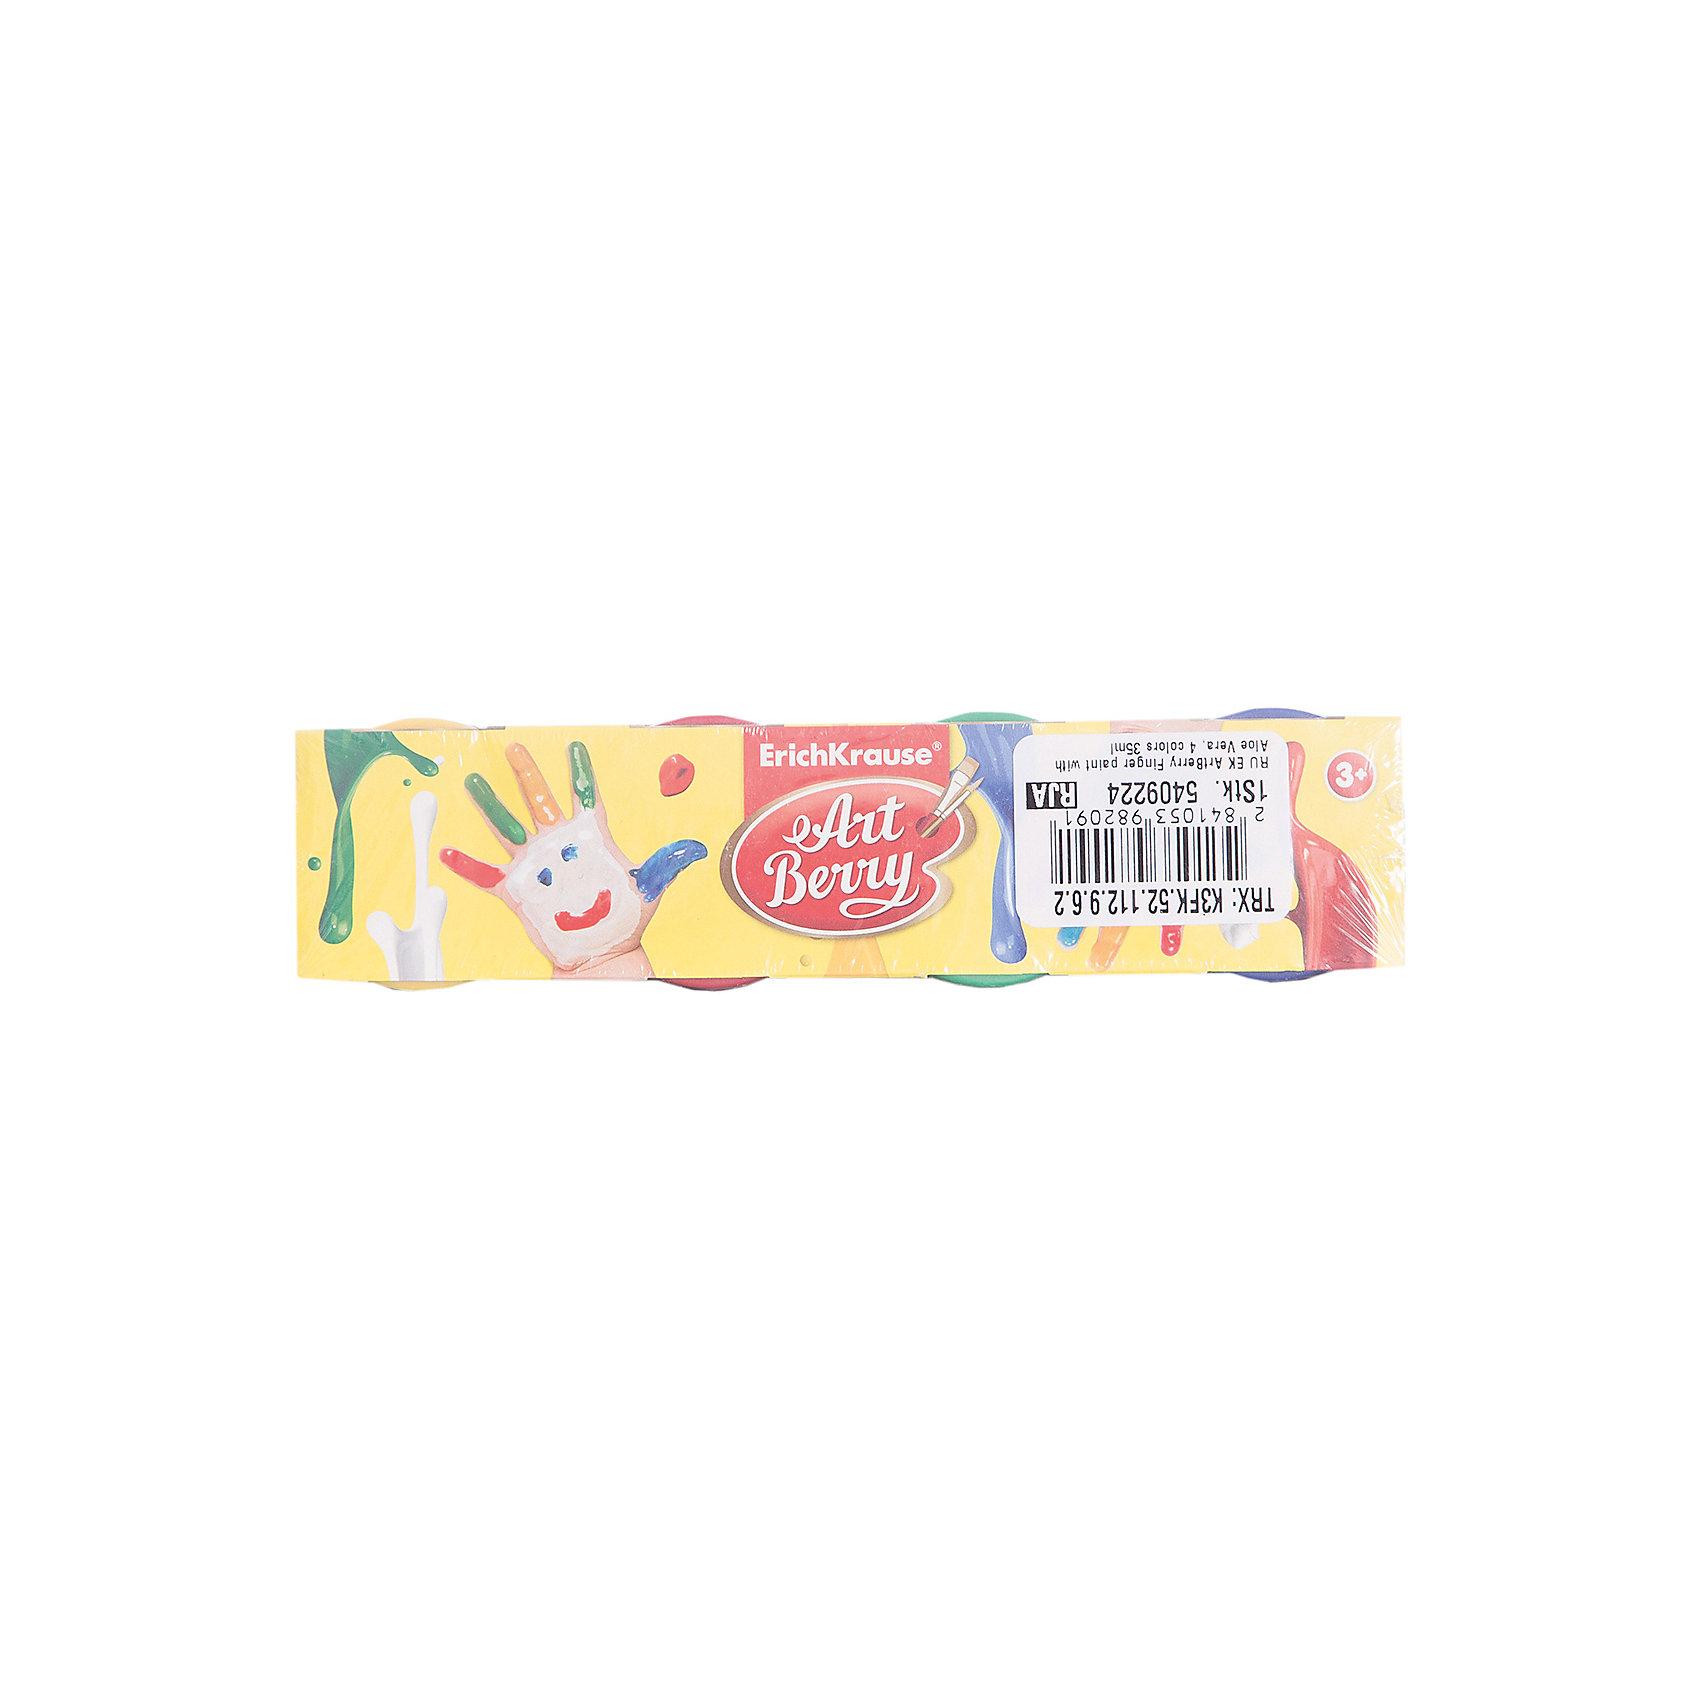 Пальчиковые краски ArtBerry с Алоэ Вера, 4 цвета по 35млРисование<br>Характеристики товара:<br><br>• материал упаковки: картон <br>• в комплект входит: краски<br>• количество цветов: 4<br>• треугольная форма<br>• объём каждой баночки: 35 мл<br>• возраст: от 3 лет<br>• вес: 241 г<br>• габариты упаковки: 22х4х4,5 см<br>• страна производитель: Китай<br><br>Пальчиковые краски – альтернативный вариант классическому рисованию кистью по бумаге. Рисование пальчиками подходит с самых малых лет. Краски не токсичны, не вызывают аллергии, легко отмываются от любых поверхностей.<br><br>Пальчиковые краски ArtBerry с Алоэ Вера, 4 цвета по 35мл можно купить в нашем интернет-магазине.<br><br>Ширина мм: 220<br>Глубина мм: 40<br>Высота мм: 45<br>Вес г: 241<br>Возраст от месяцев: 36<br>Возраст до месяцев: 2147483647<br>Пол: Унисекс<br>Возраст: Детский<br>SKU: 5409224